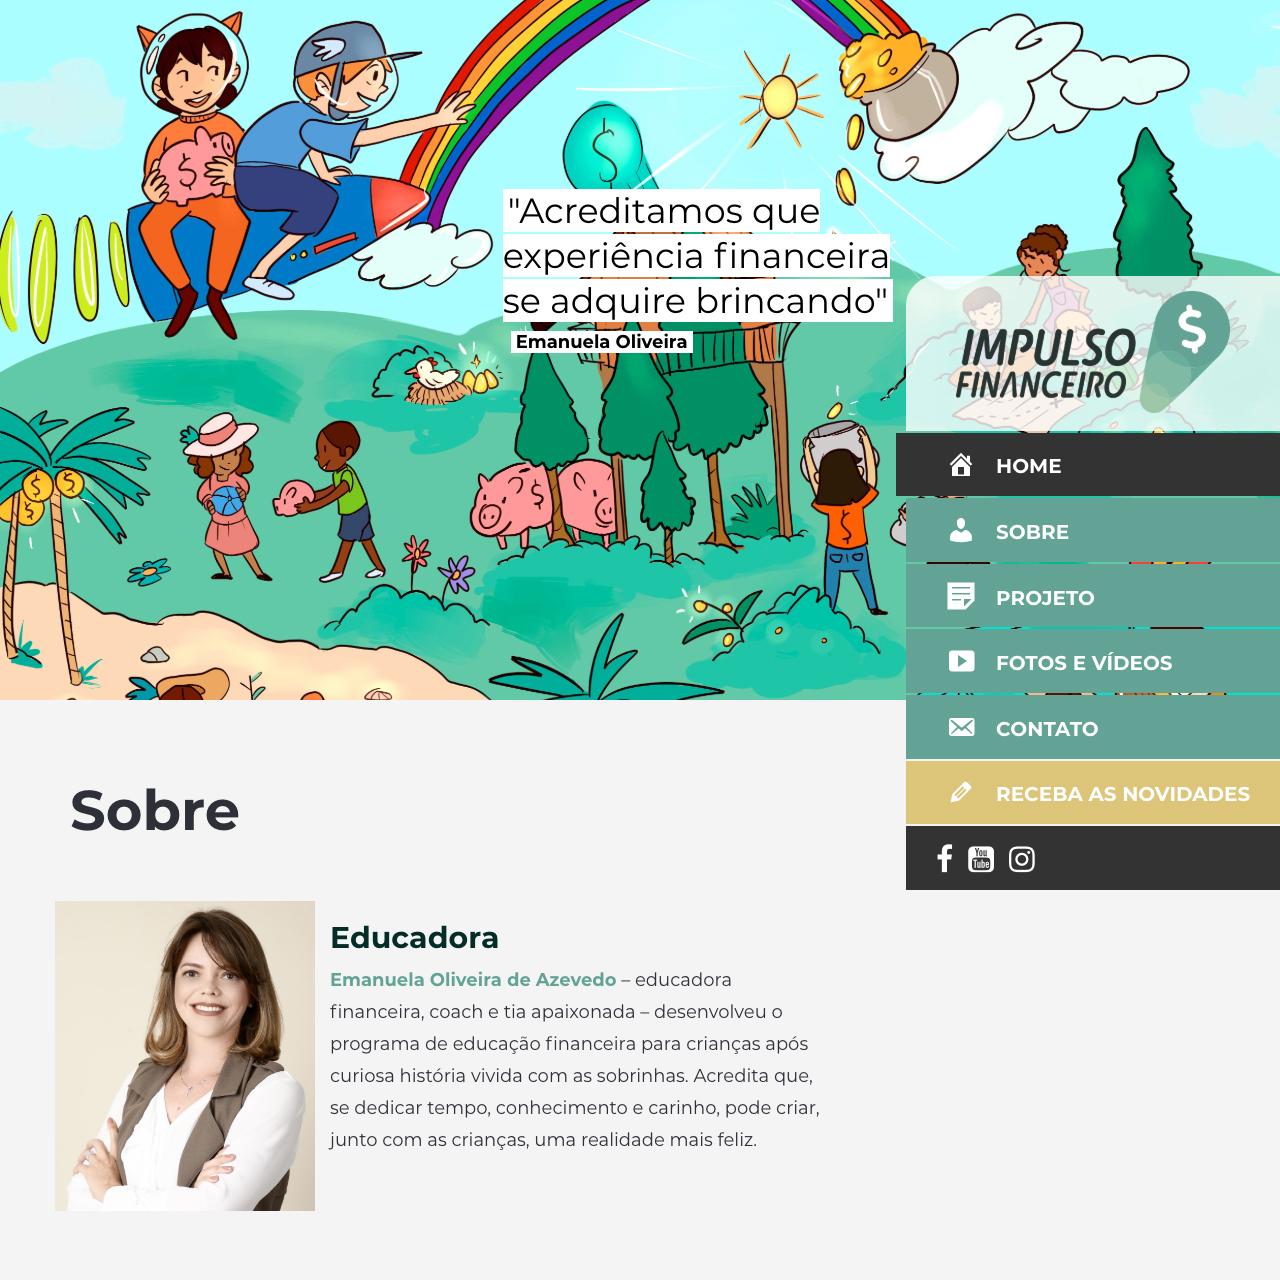 Portfólio - Alvetti Comunicação - Site Impulso Financeiro